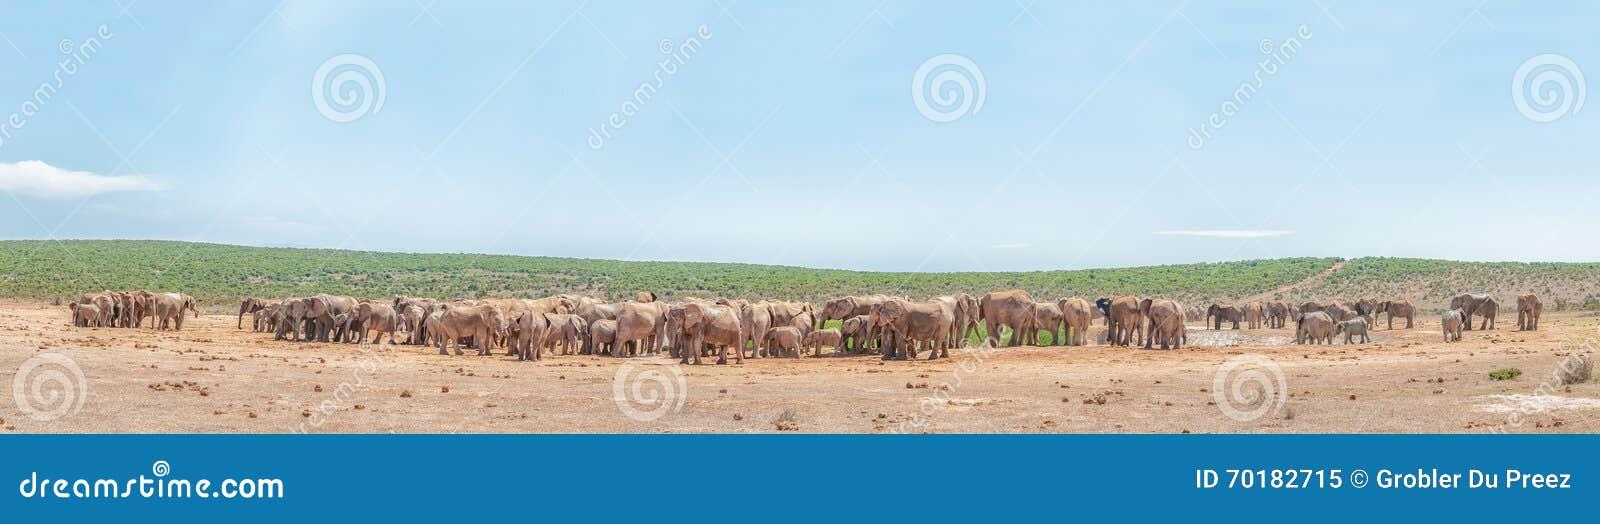 Mer än 200 elefanter som väntar för att dricka